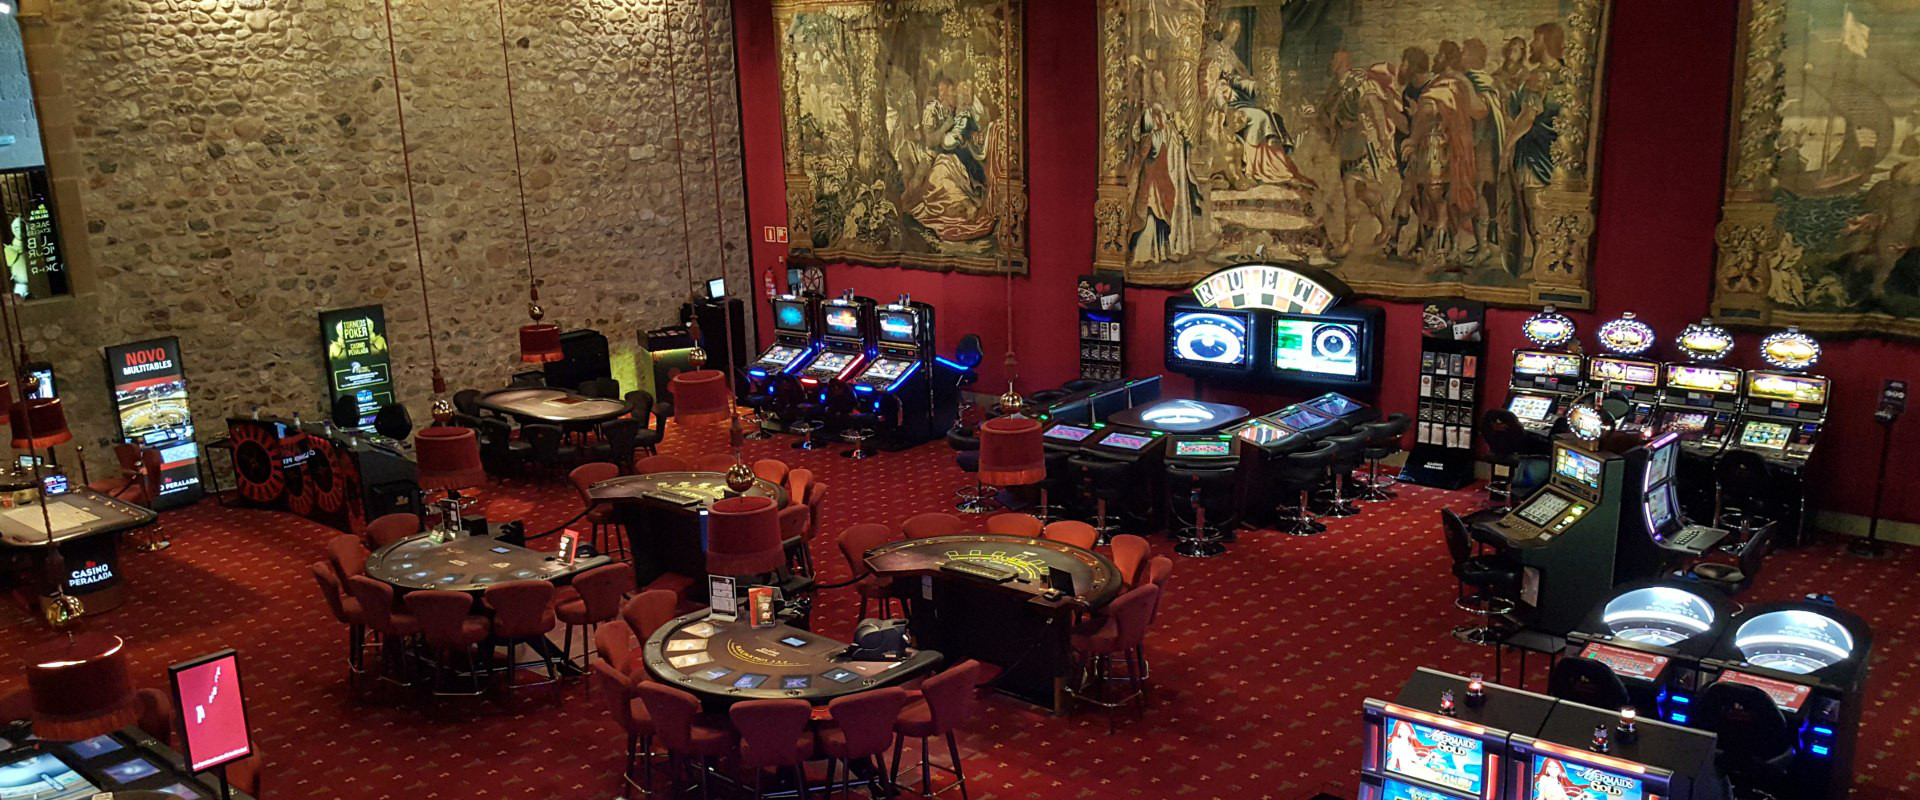 novolino casino online